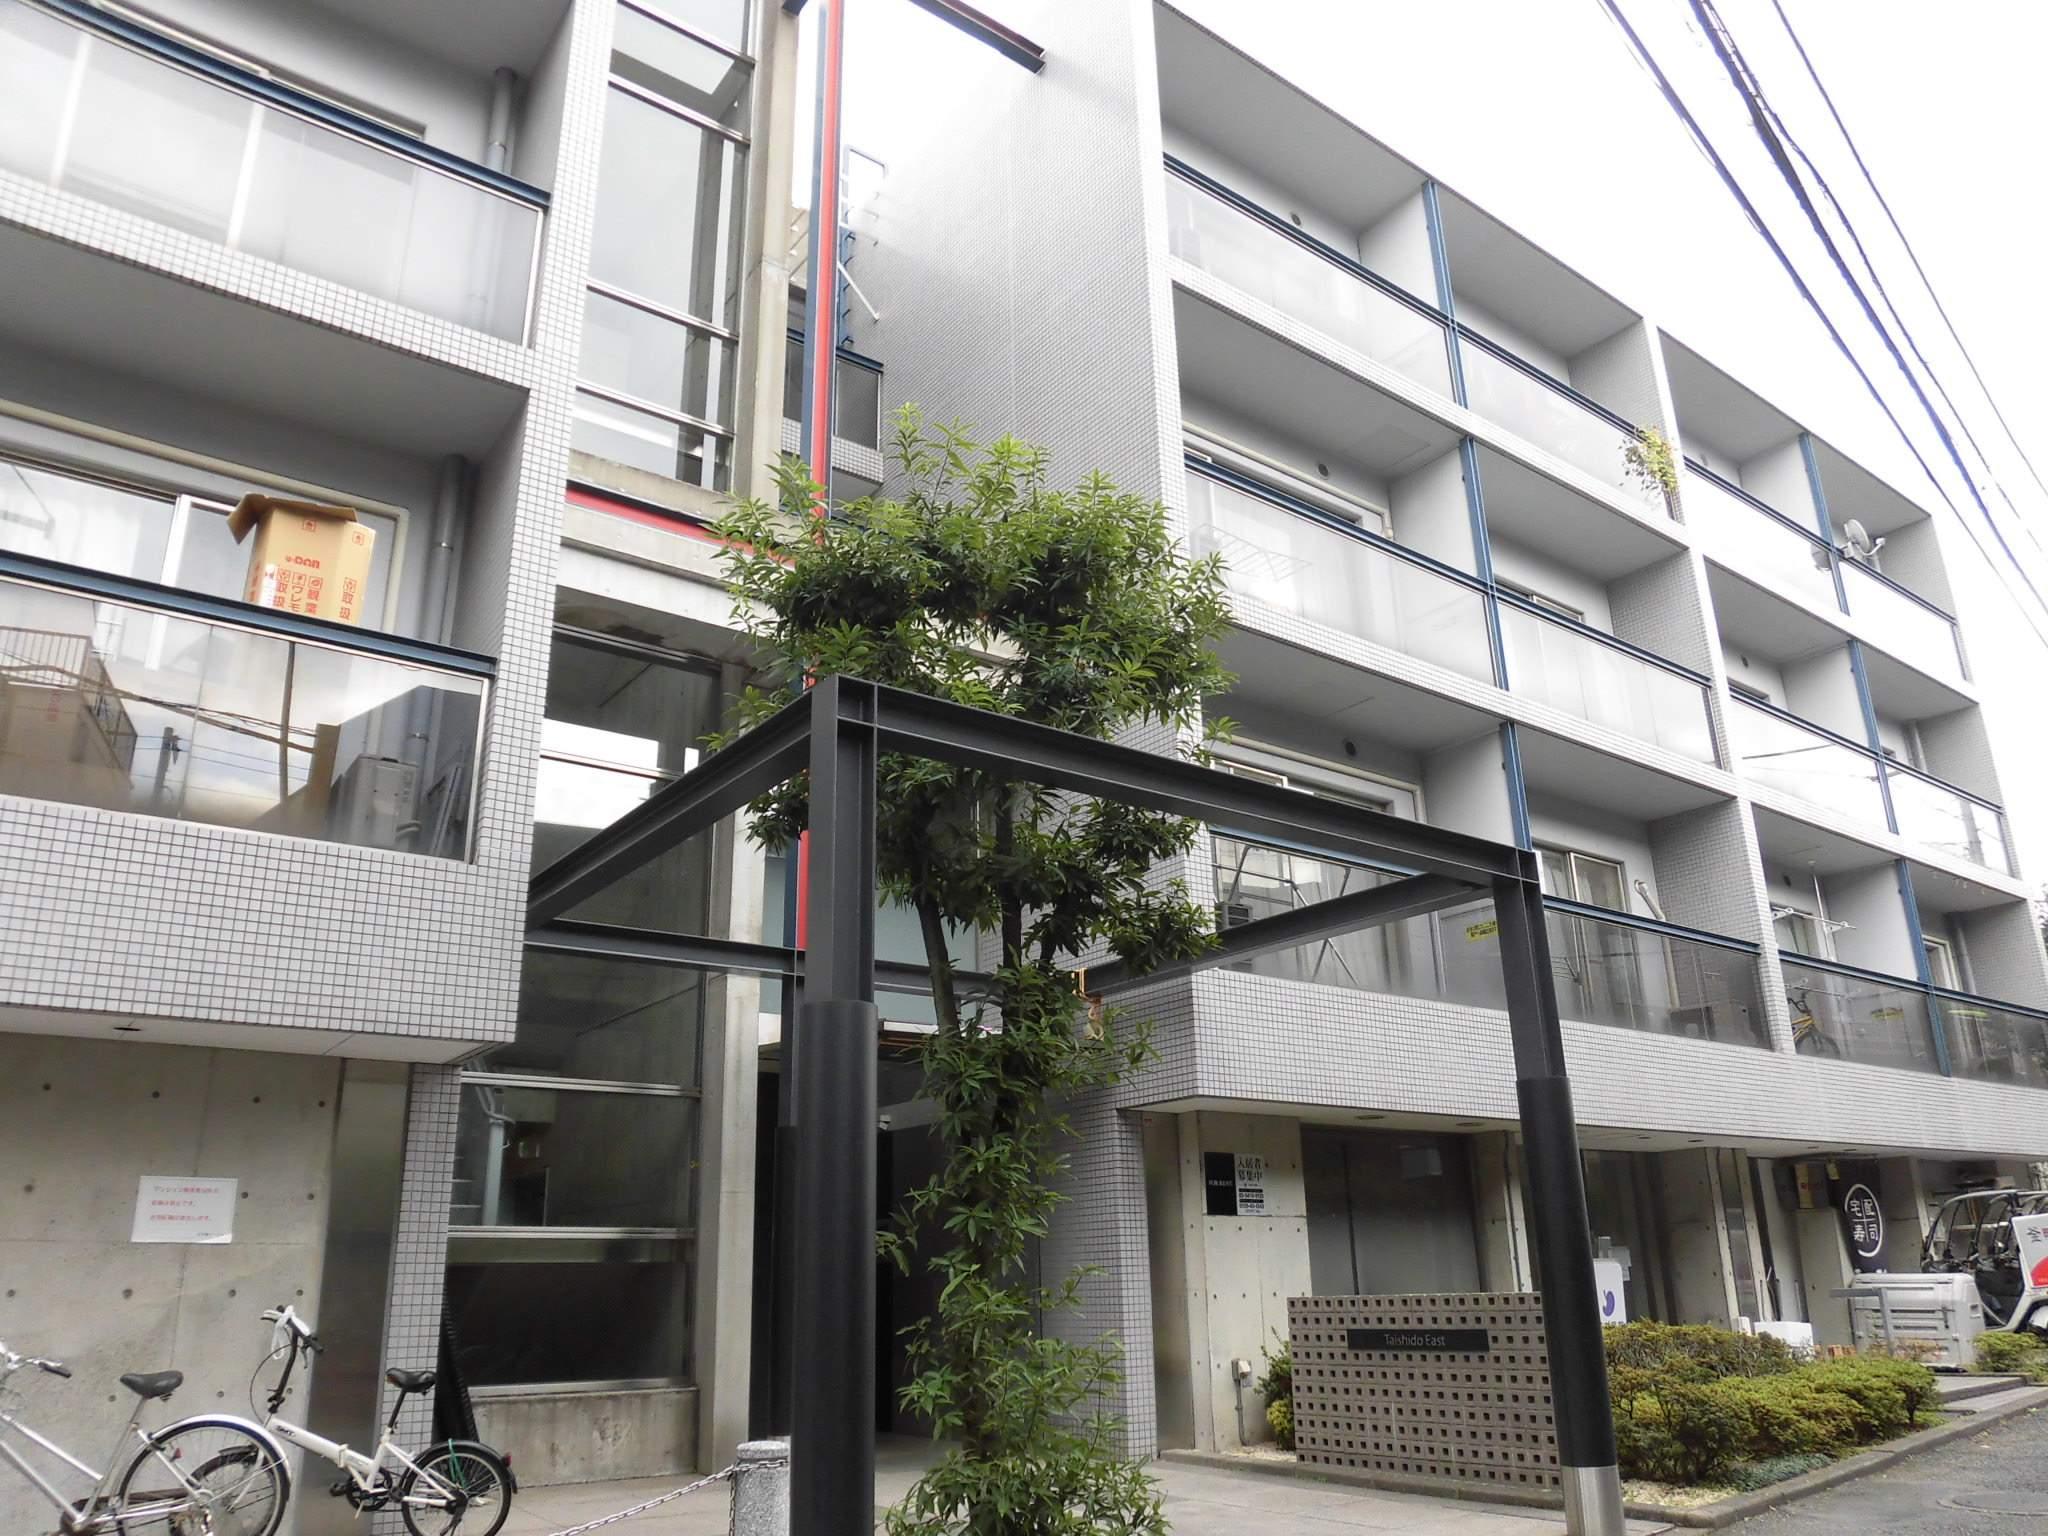 東京都世田谷区、三軒茶屋駅徒歩7分の築25年 4階建の賃貸マンション